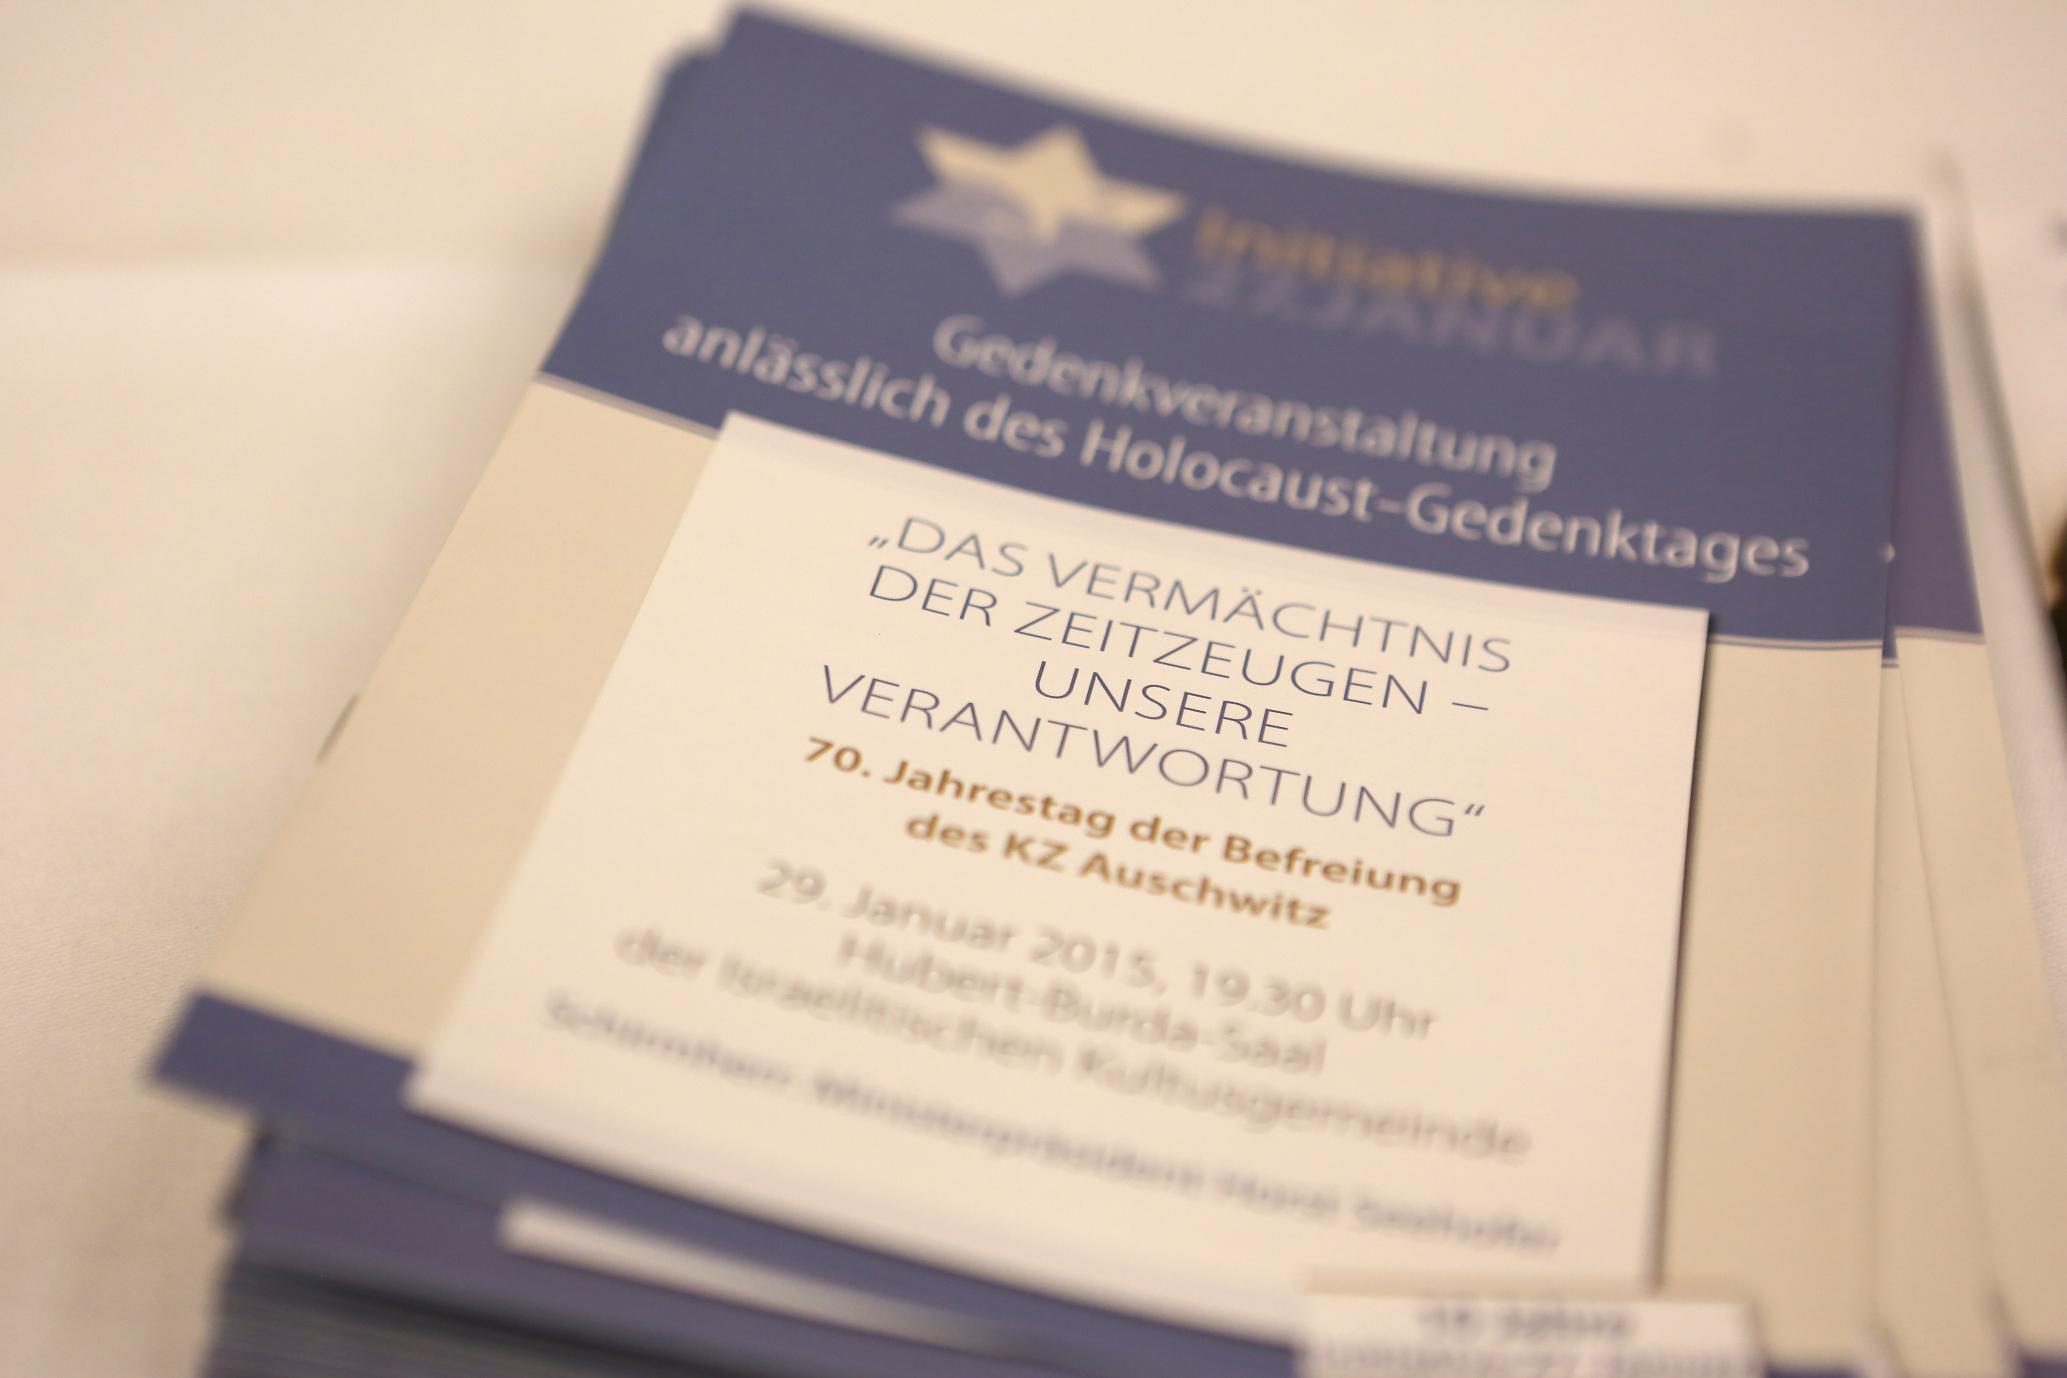 Programmheft der Gedenkveranstaltung am 29.01.2015 im Hubert-Burda-Saal der Israelitischen Kultusgemeinde in München, Foto: Sylvie Köker